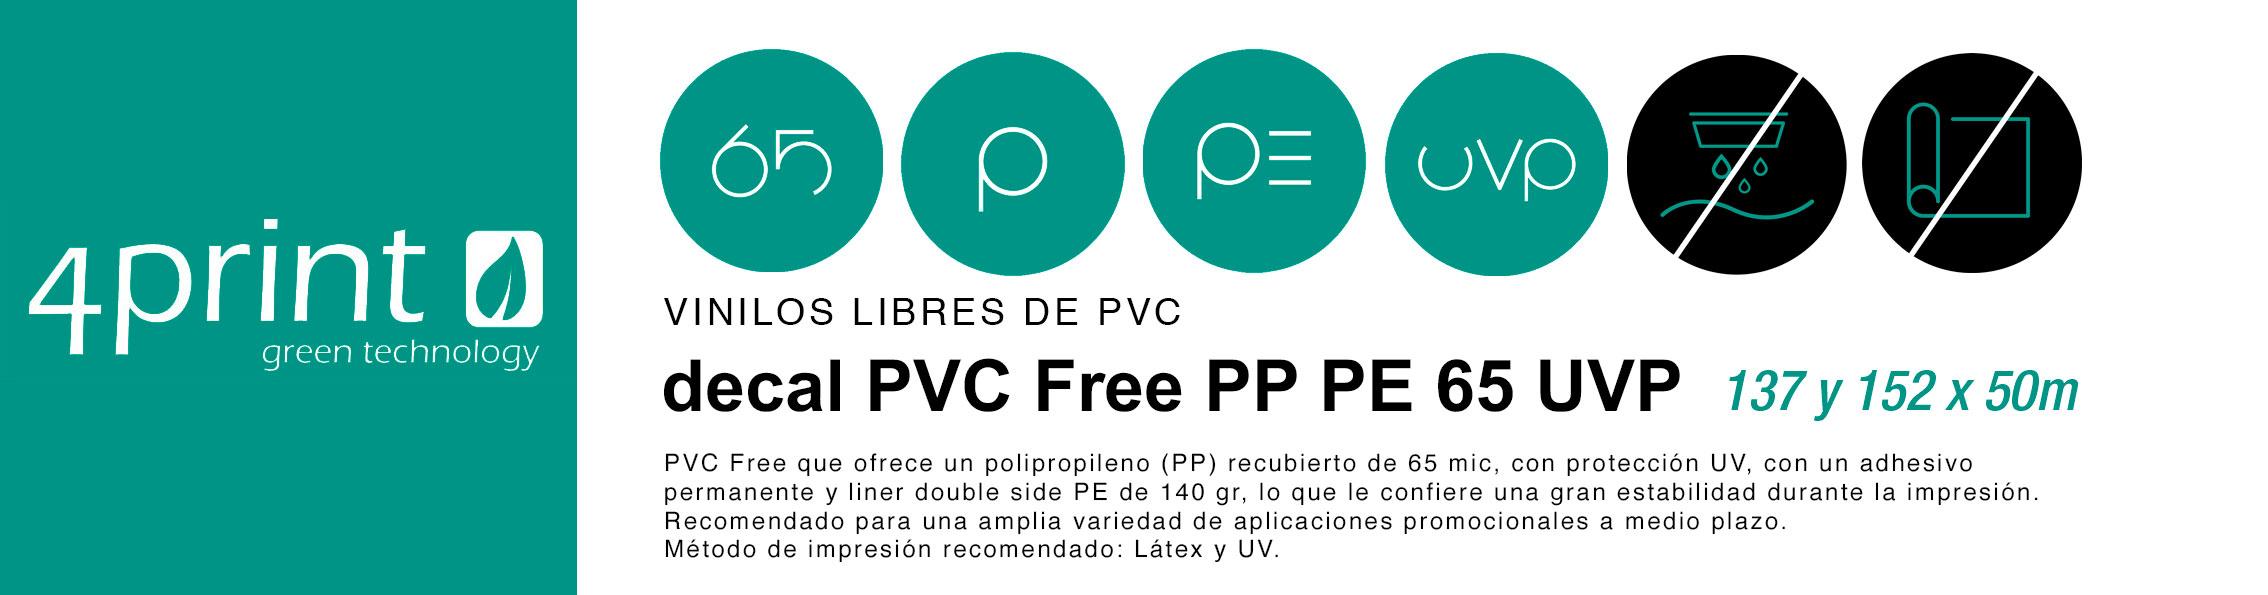 vinilos_free_pvc